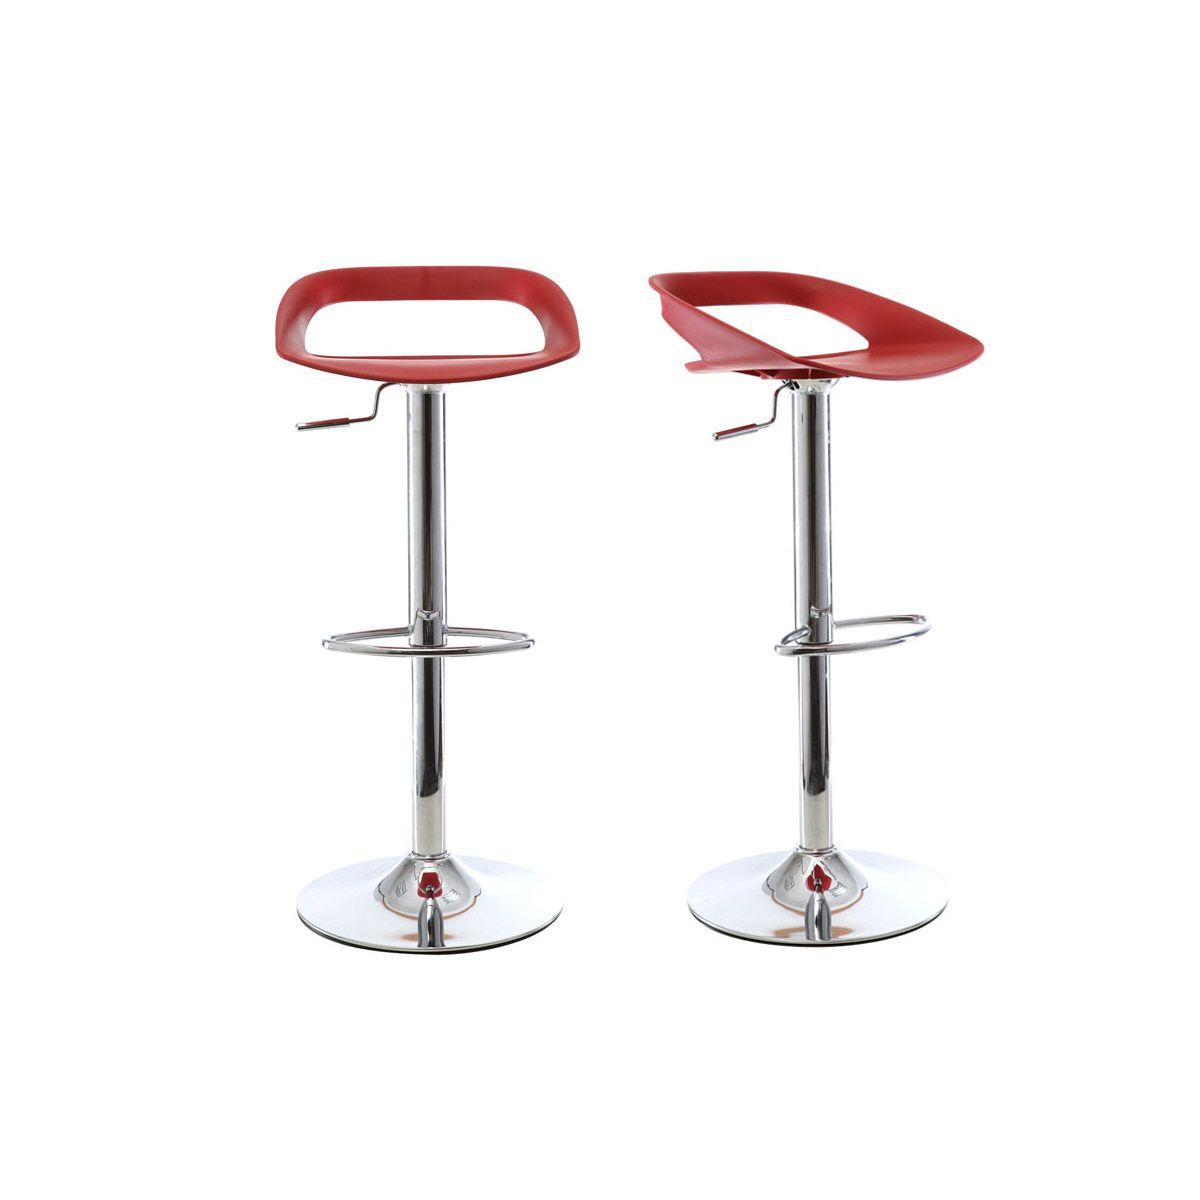 Gruppo di 2 sgabelli da bar design rossi PHENIX Offerte e sconti